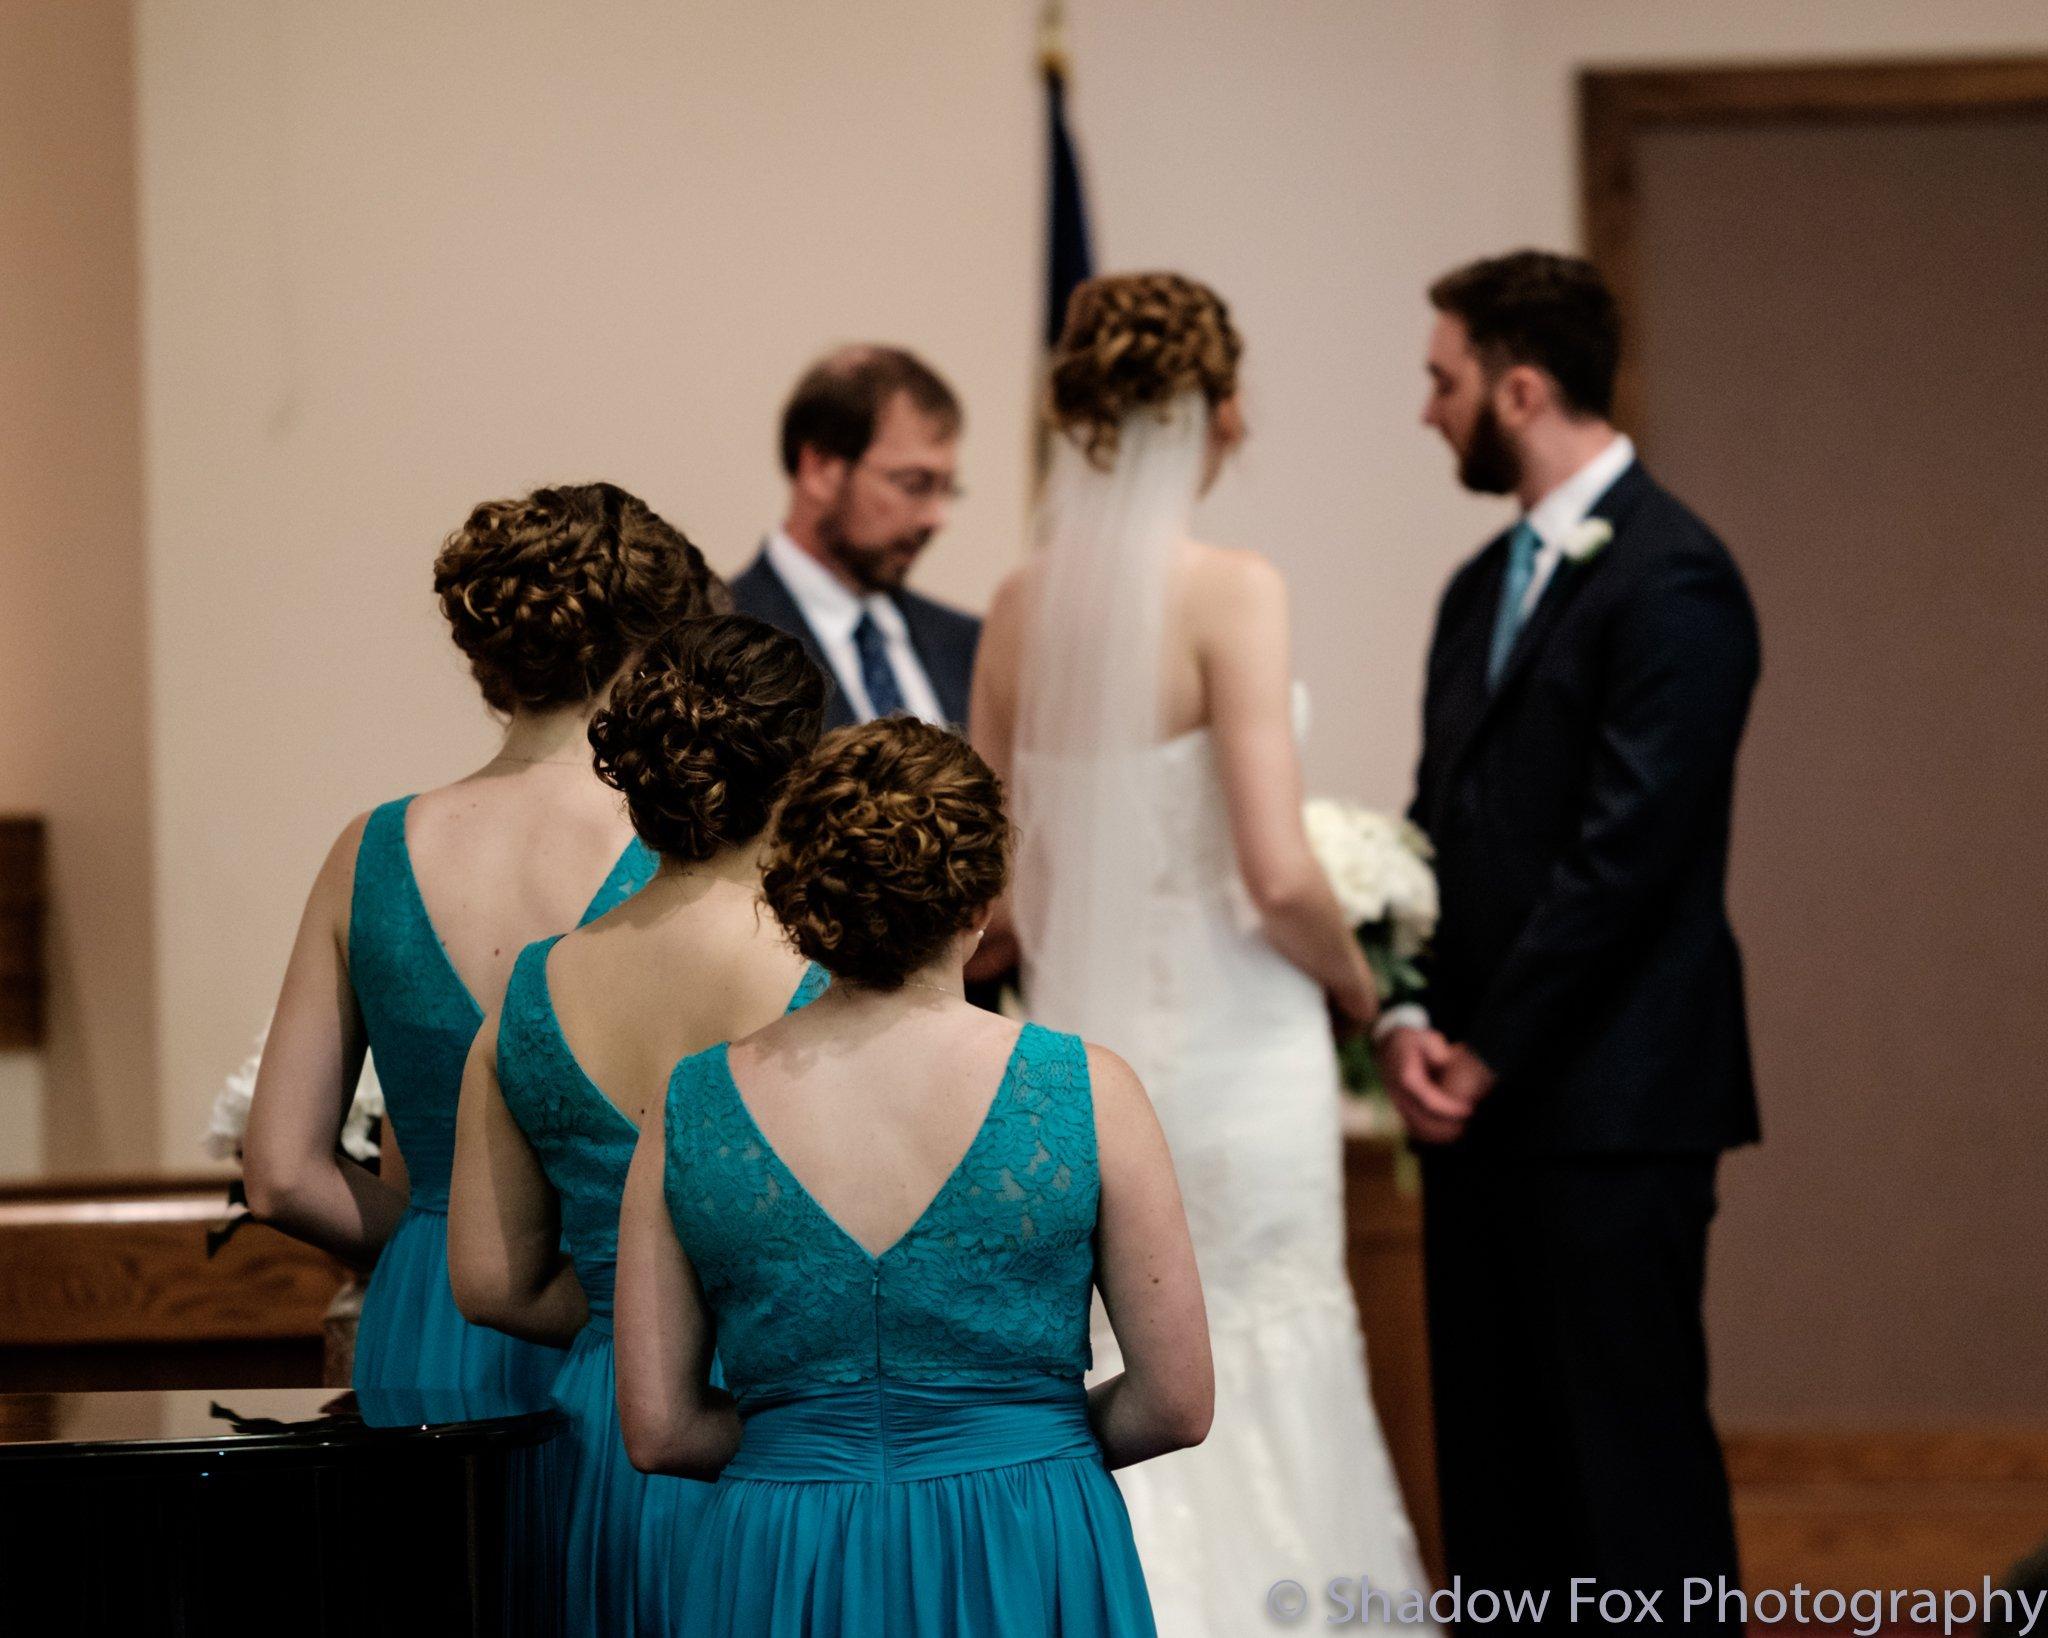 Photo of the wedding ceremony